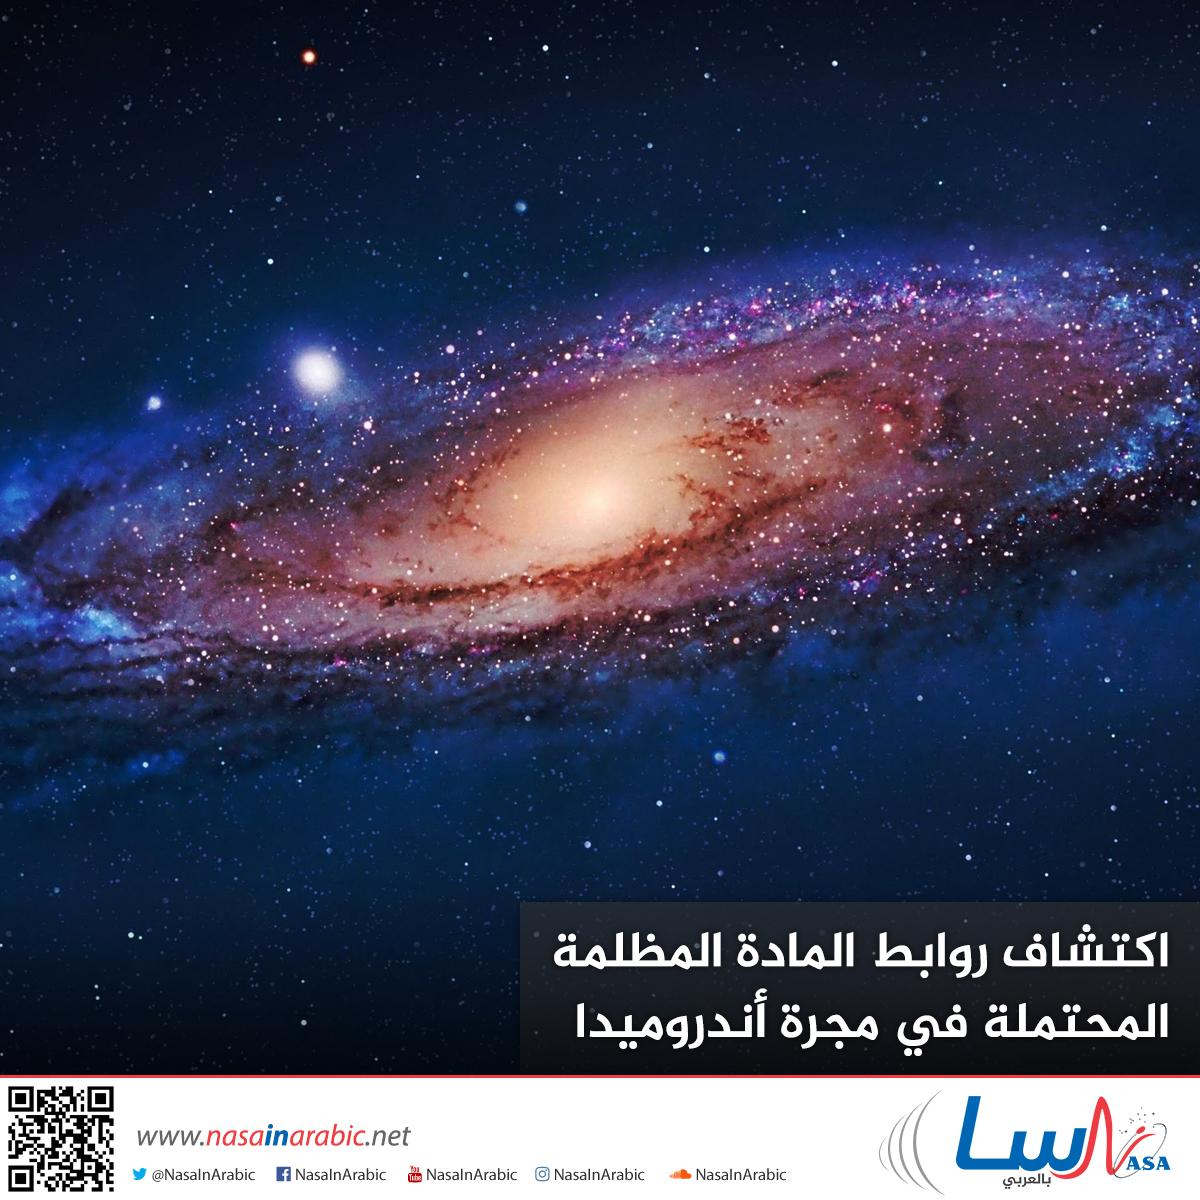 اكتشاف روابط المادة المظلمة المحتملة في مجرة أندروميدا